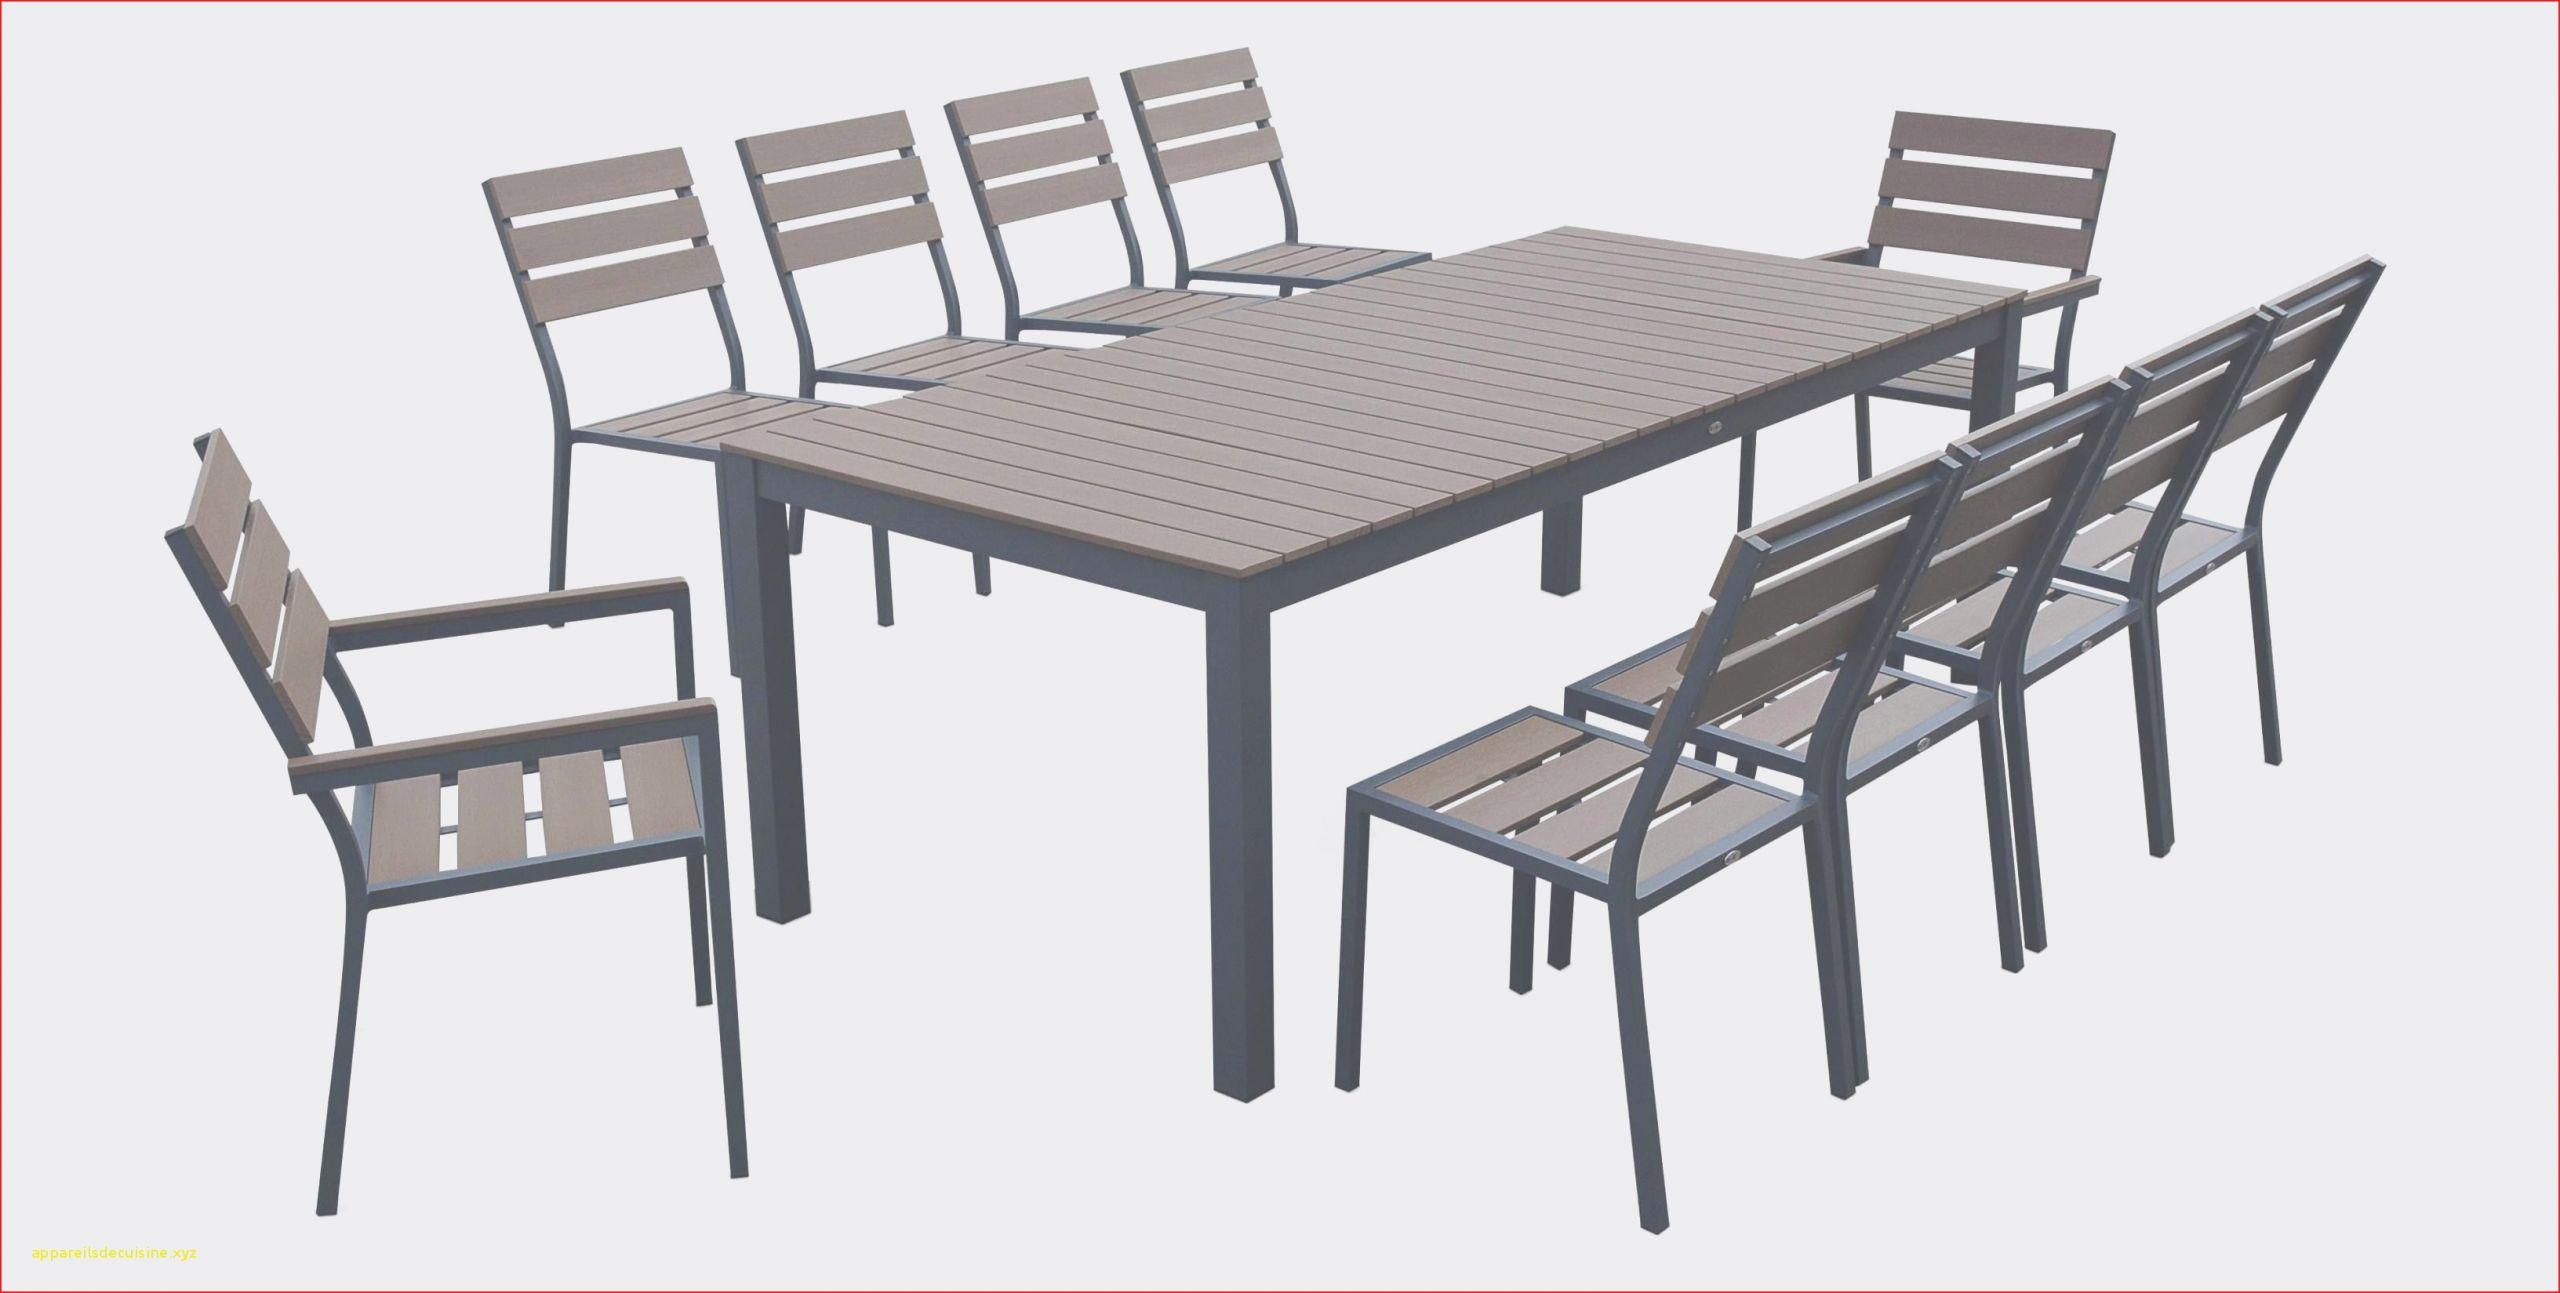 Solde Table De Jardin Nouveau Jardin Archives Francesginsberg Of 37 Luxe solde Table De Jardin